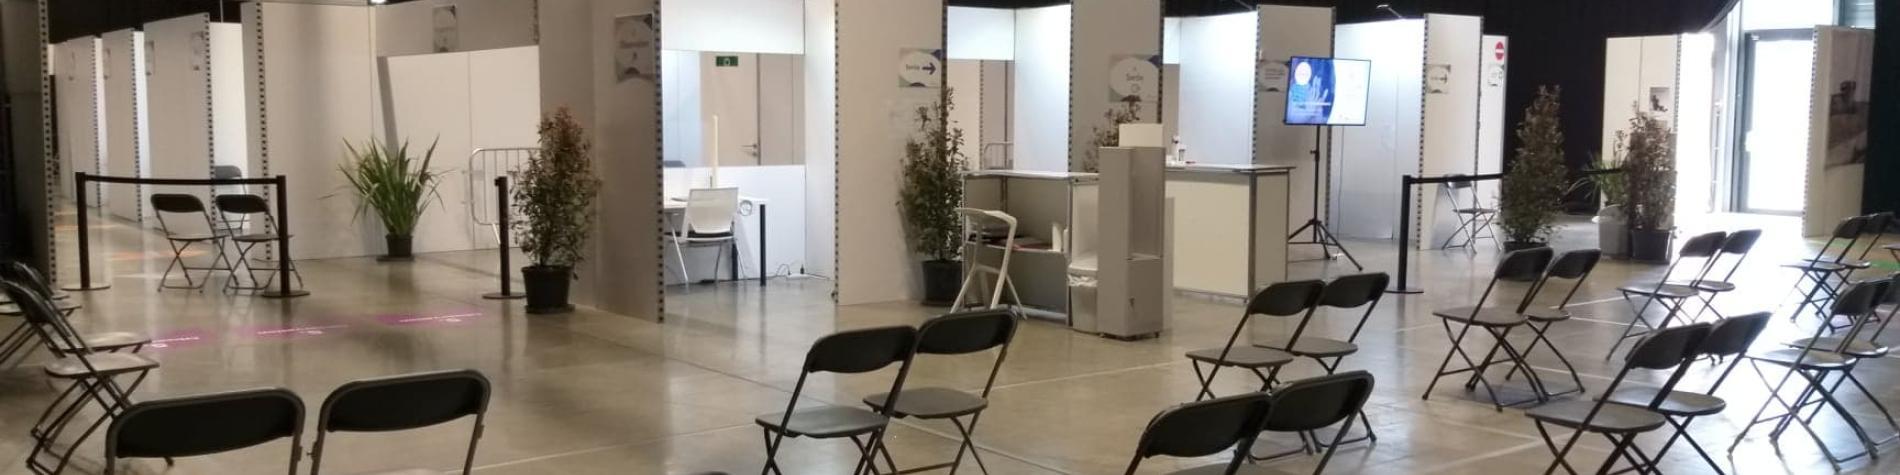 Centre de vaccination - LouvExpo